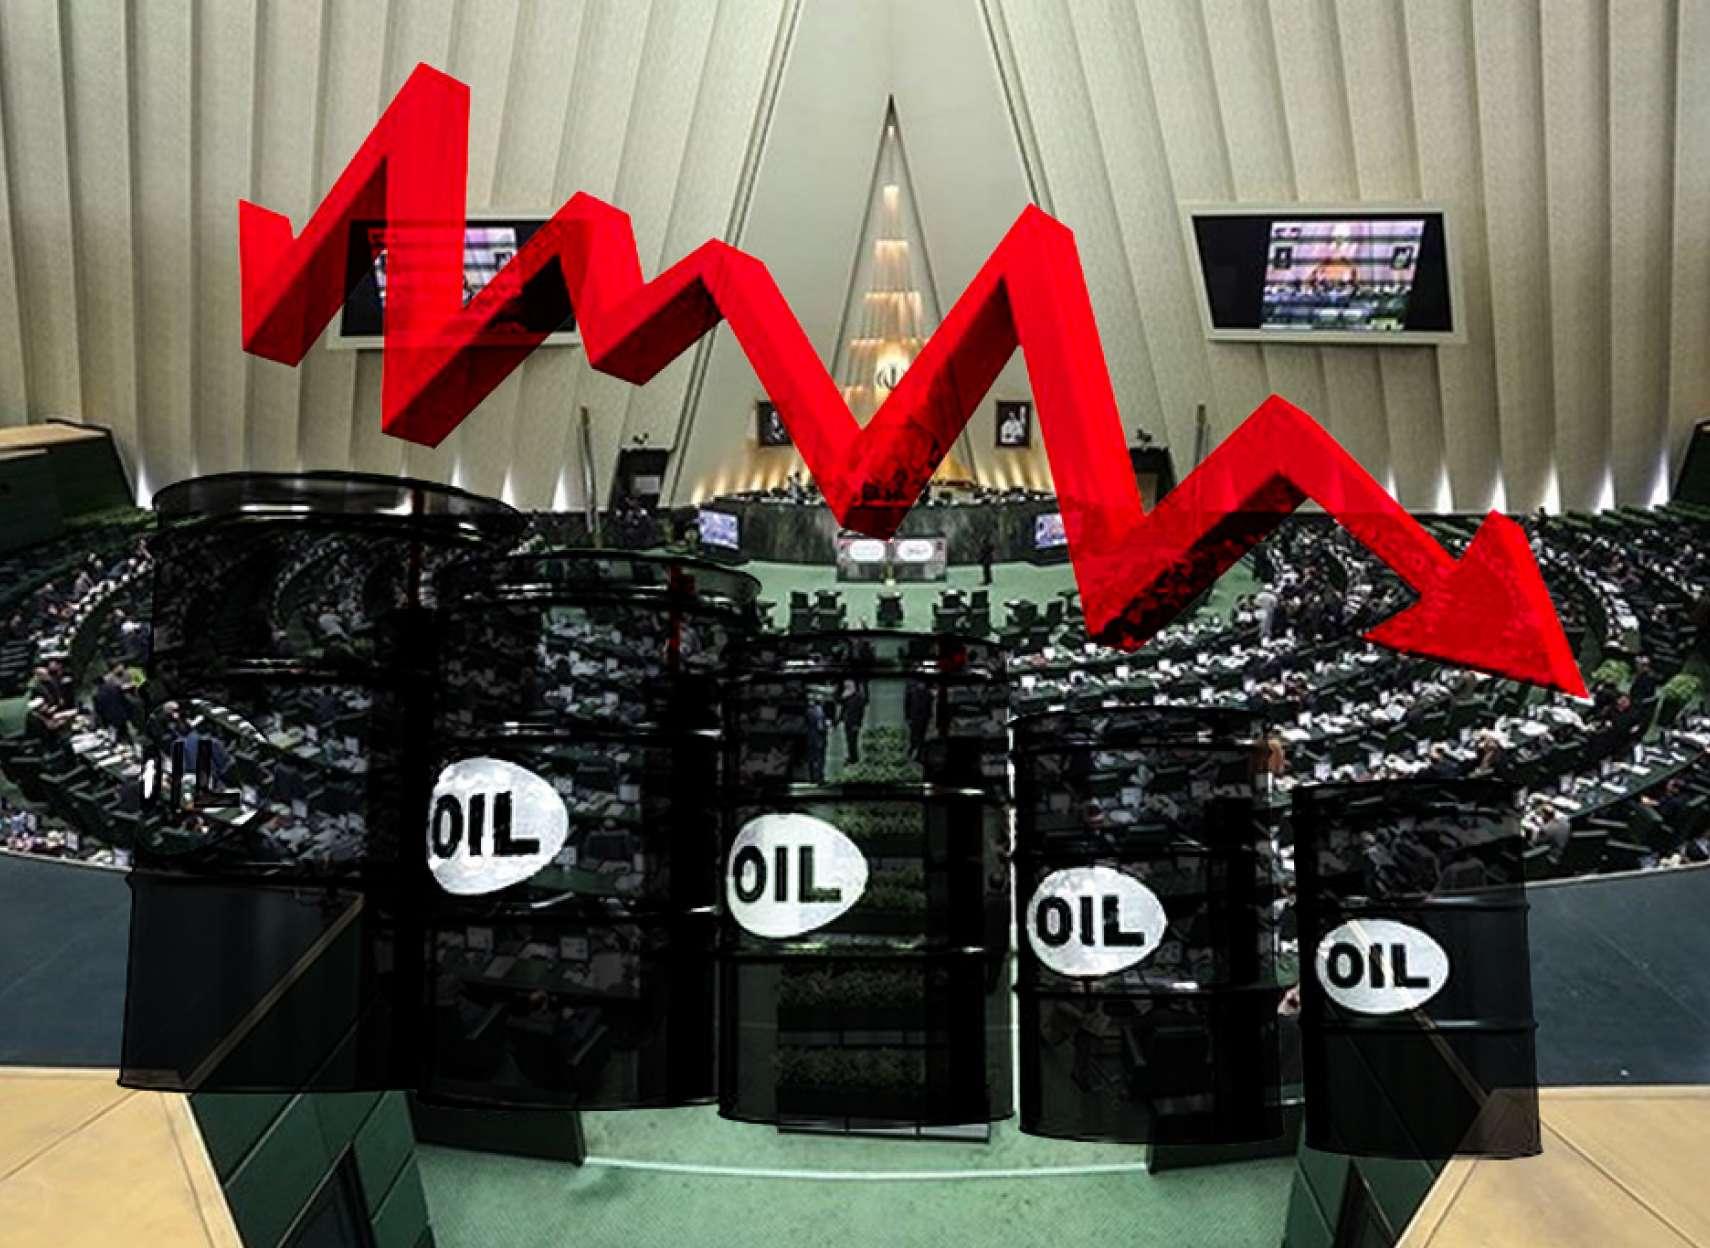 گزارش-تحلیلی-ایران-پیامدهای-سقوط-فروش-نفت-ایران-در-سال-99